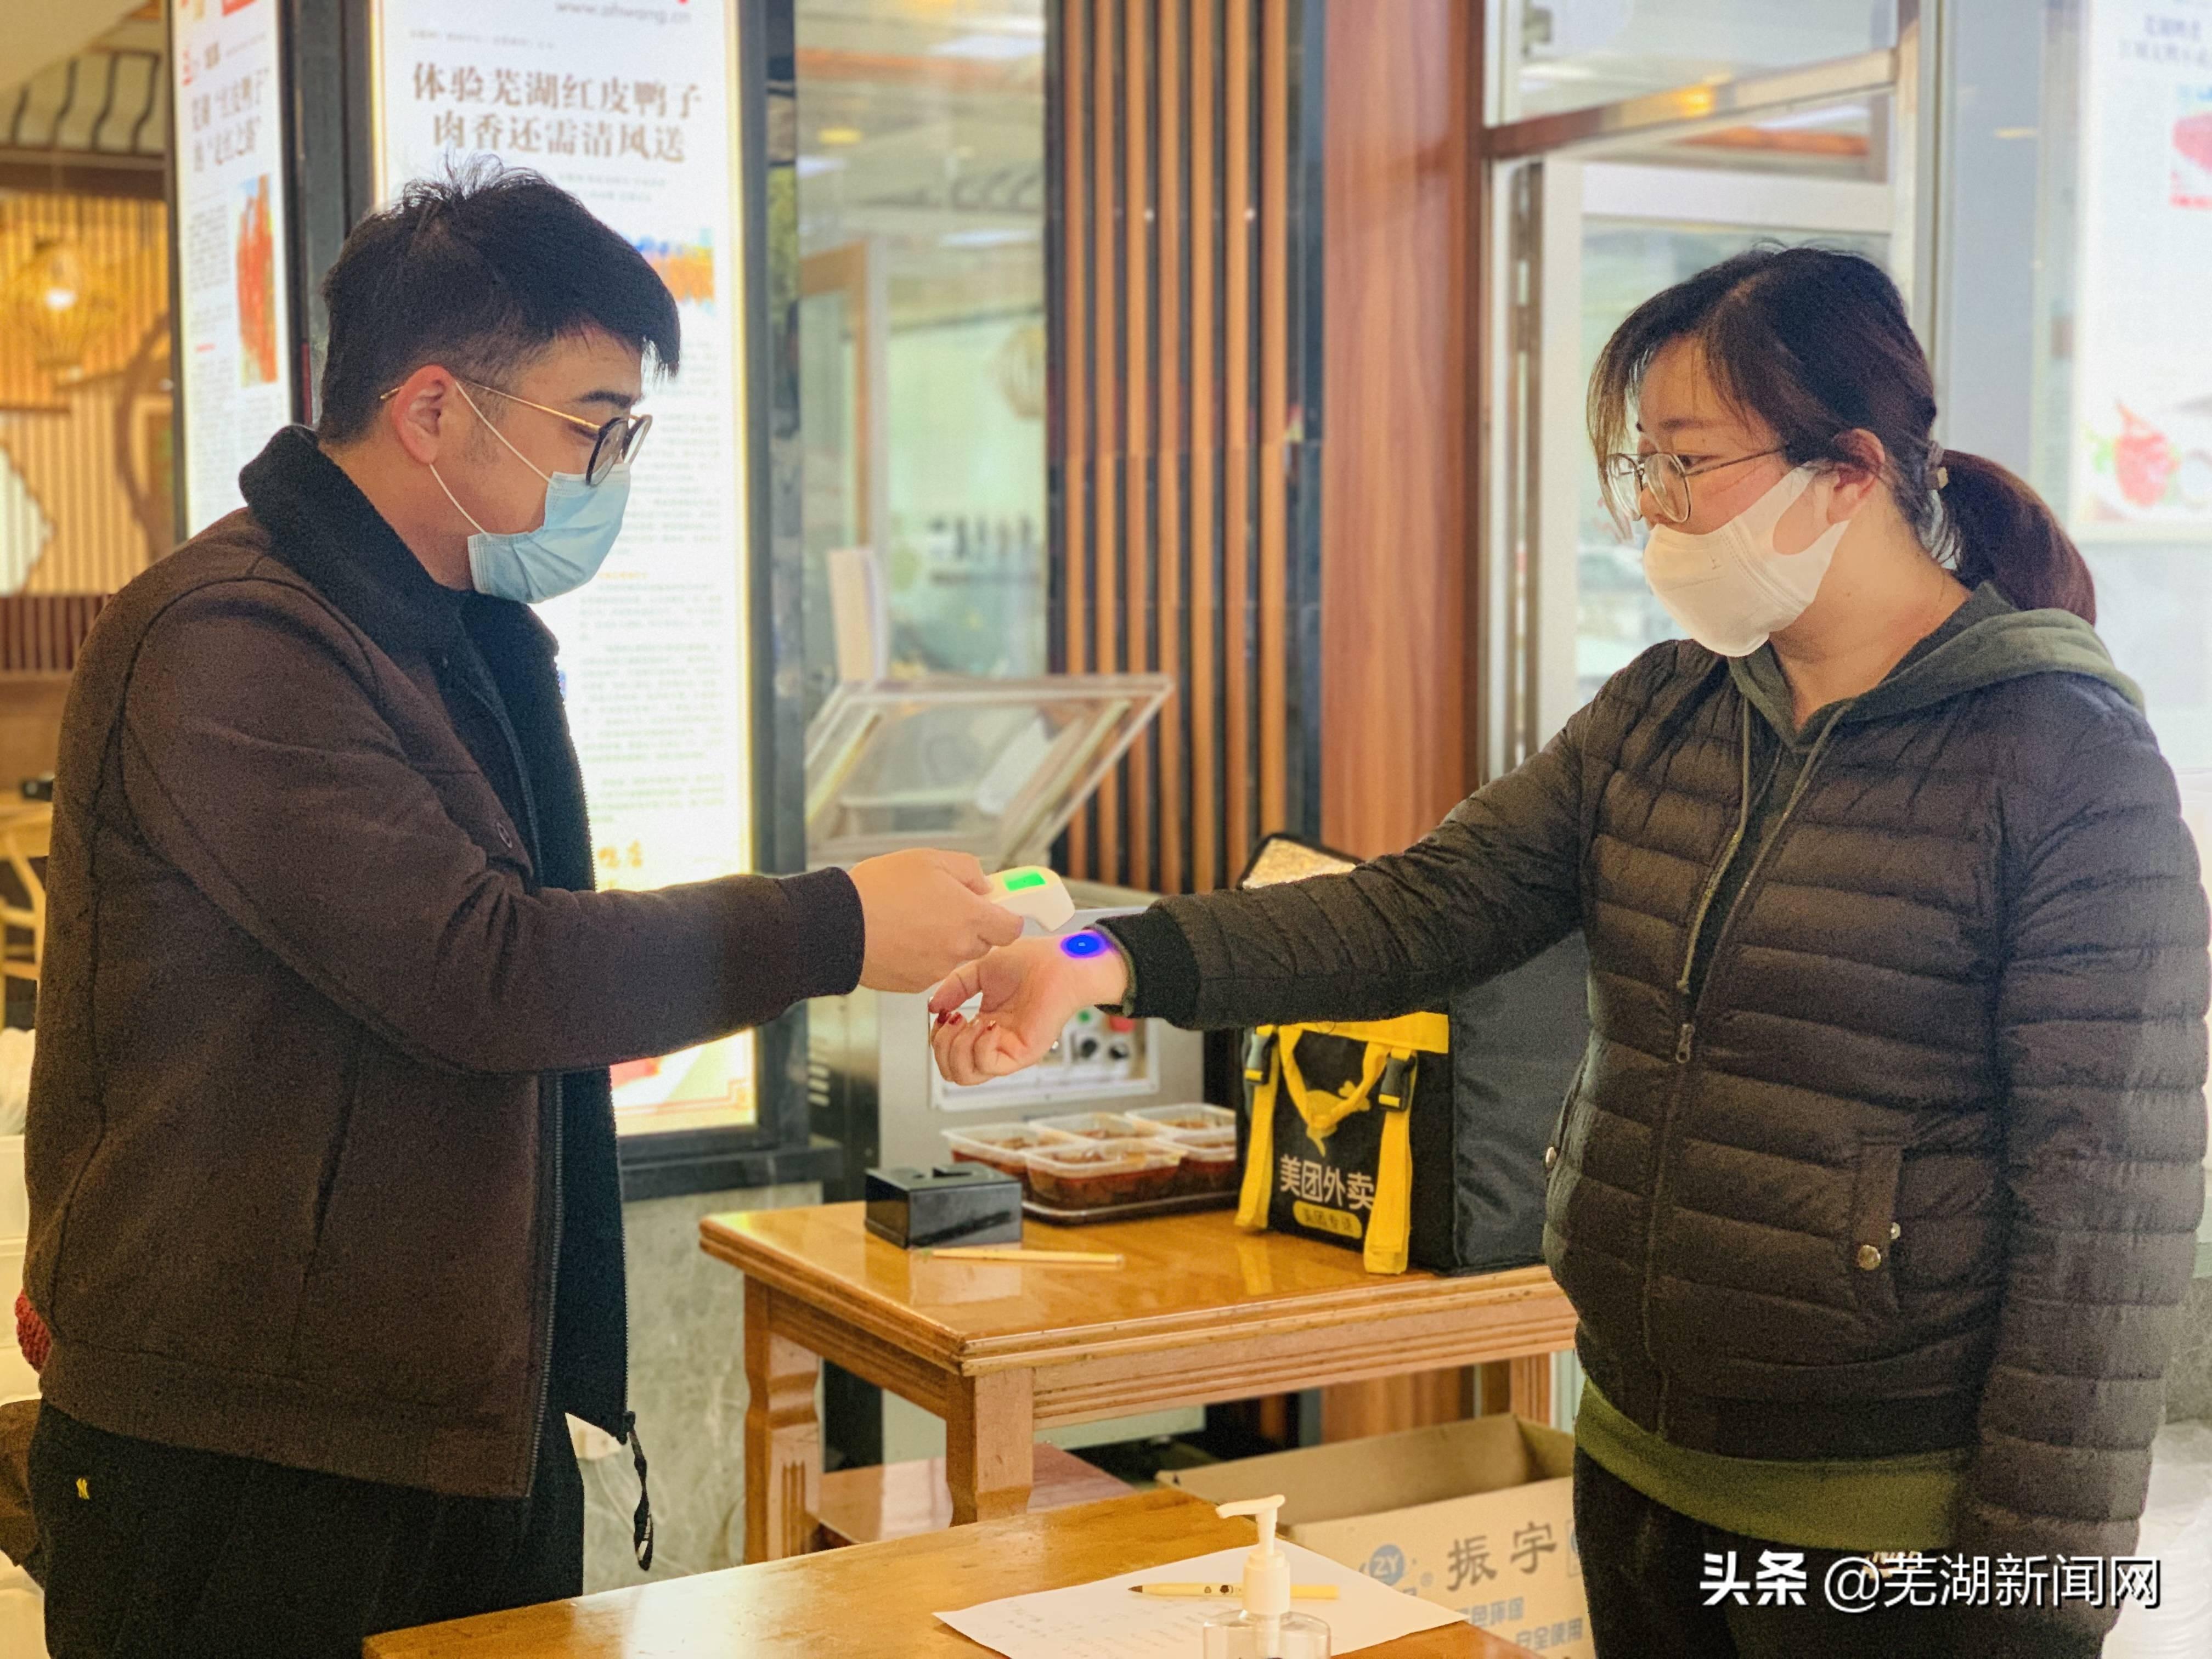 芜湖市:新闻报道记者采访 浦西一个波百年老迈字体大小修复主食